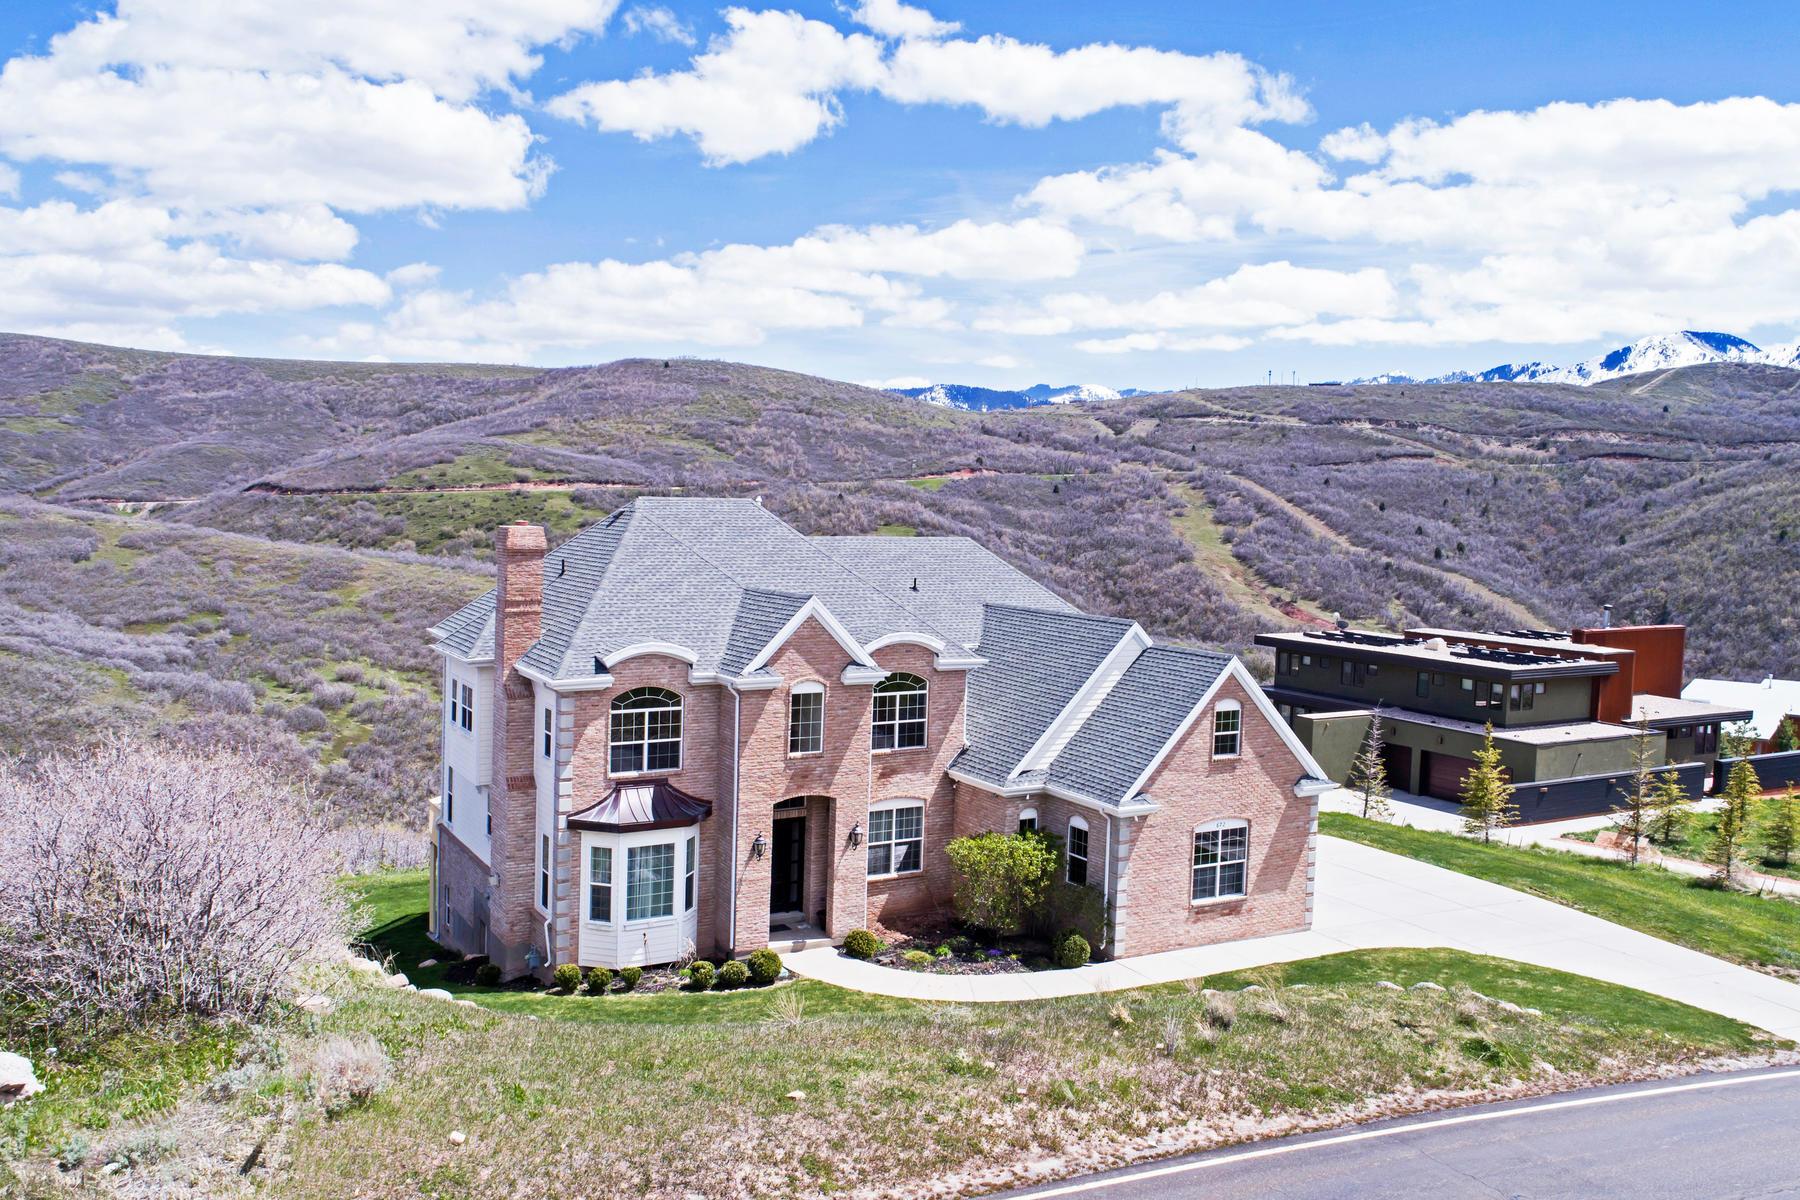 獨棟家庭住宅 為 出售 在 Stately Two-Story Home With Sweeping Views 672 N Pioneer Fork Rd Salt Lake City, 猶他州, 84108 美國